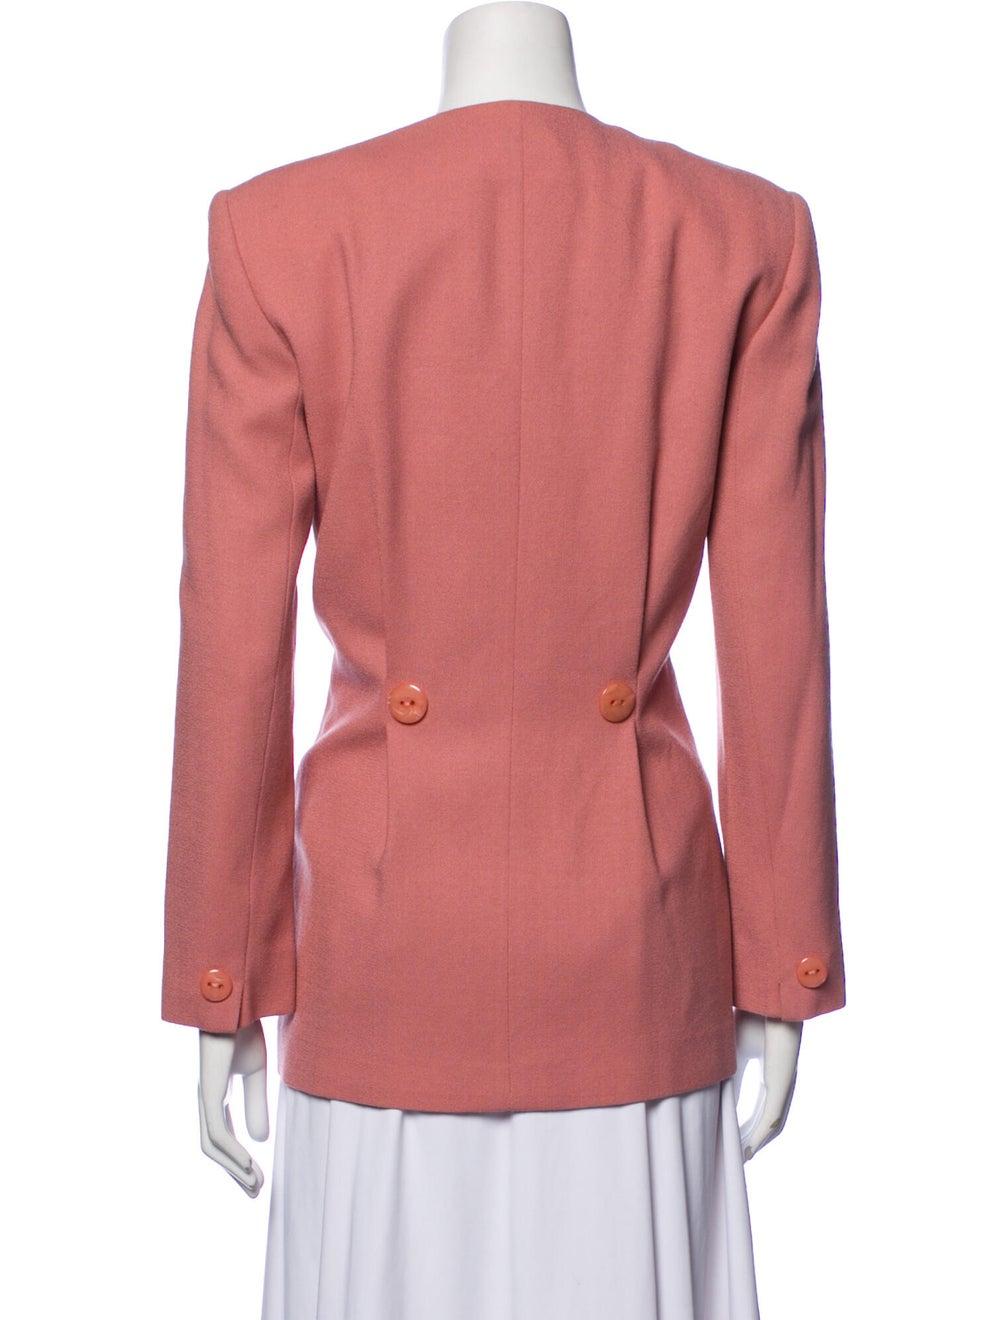 Christian Dior Vintage 1980's Blazer Pink - image 3